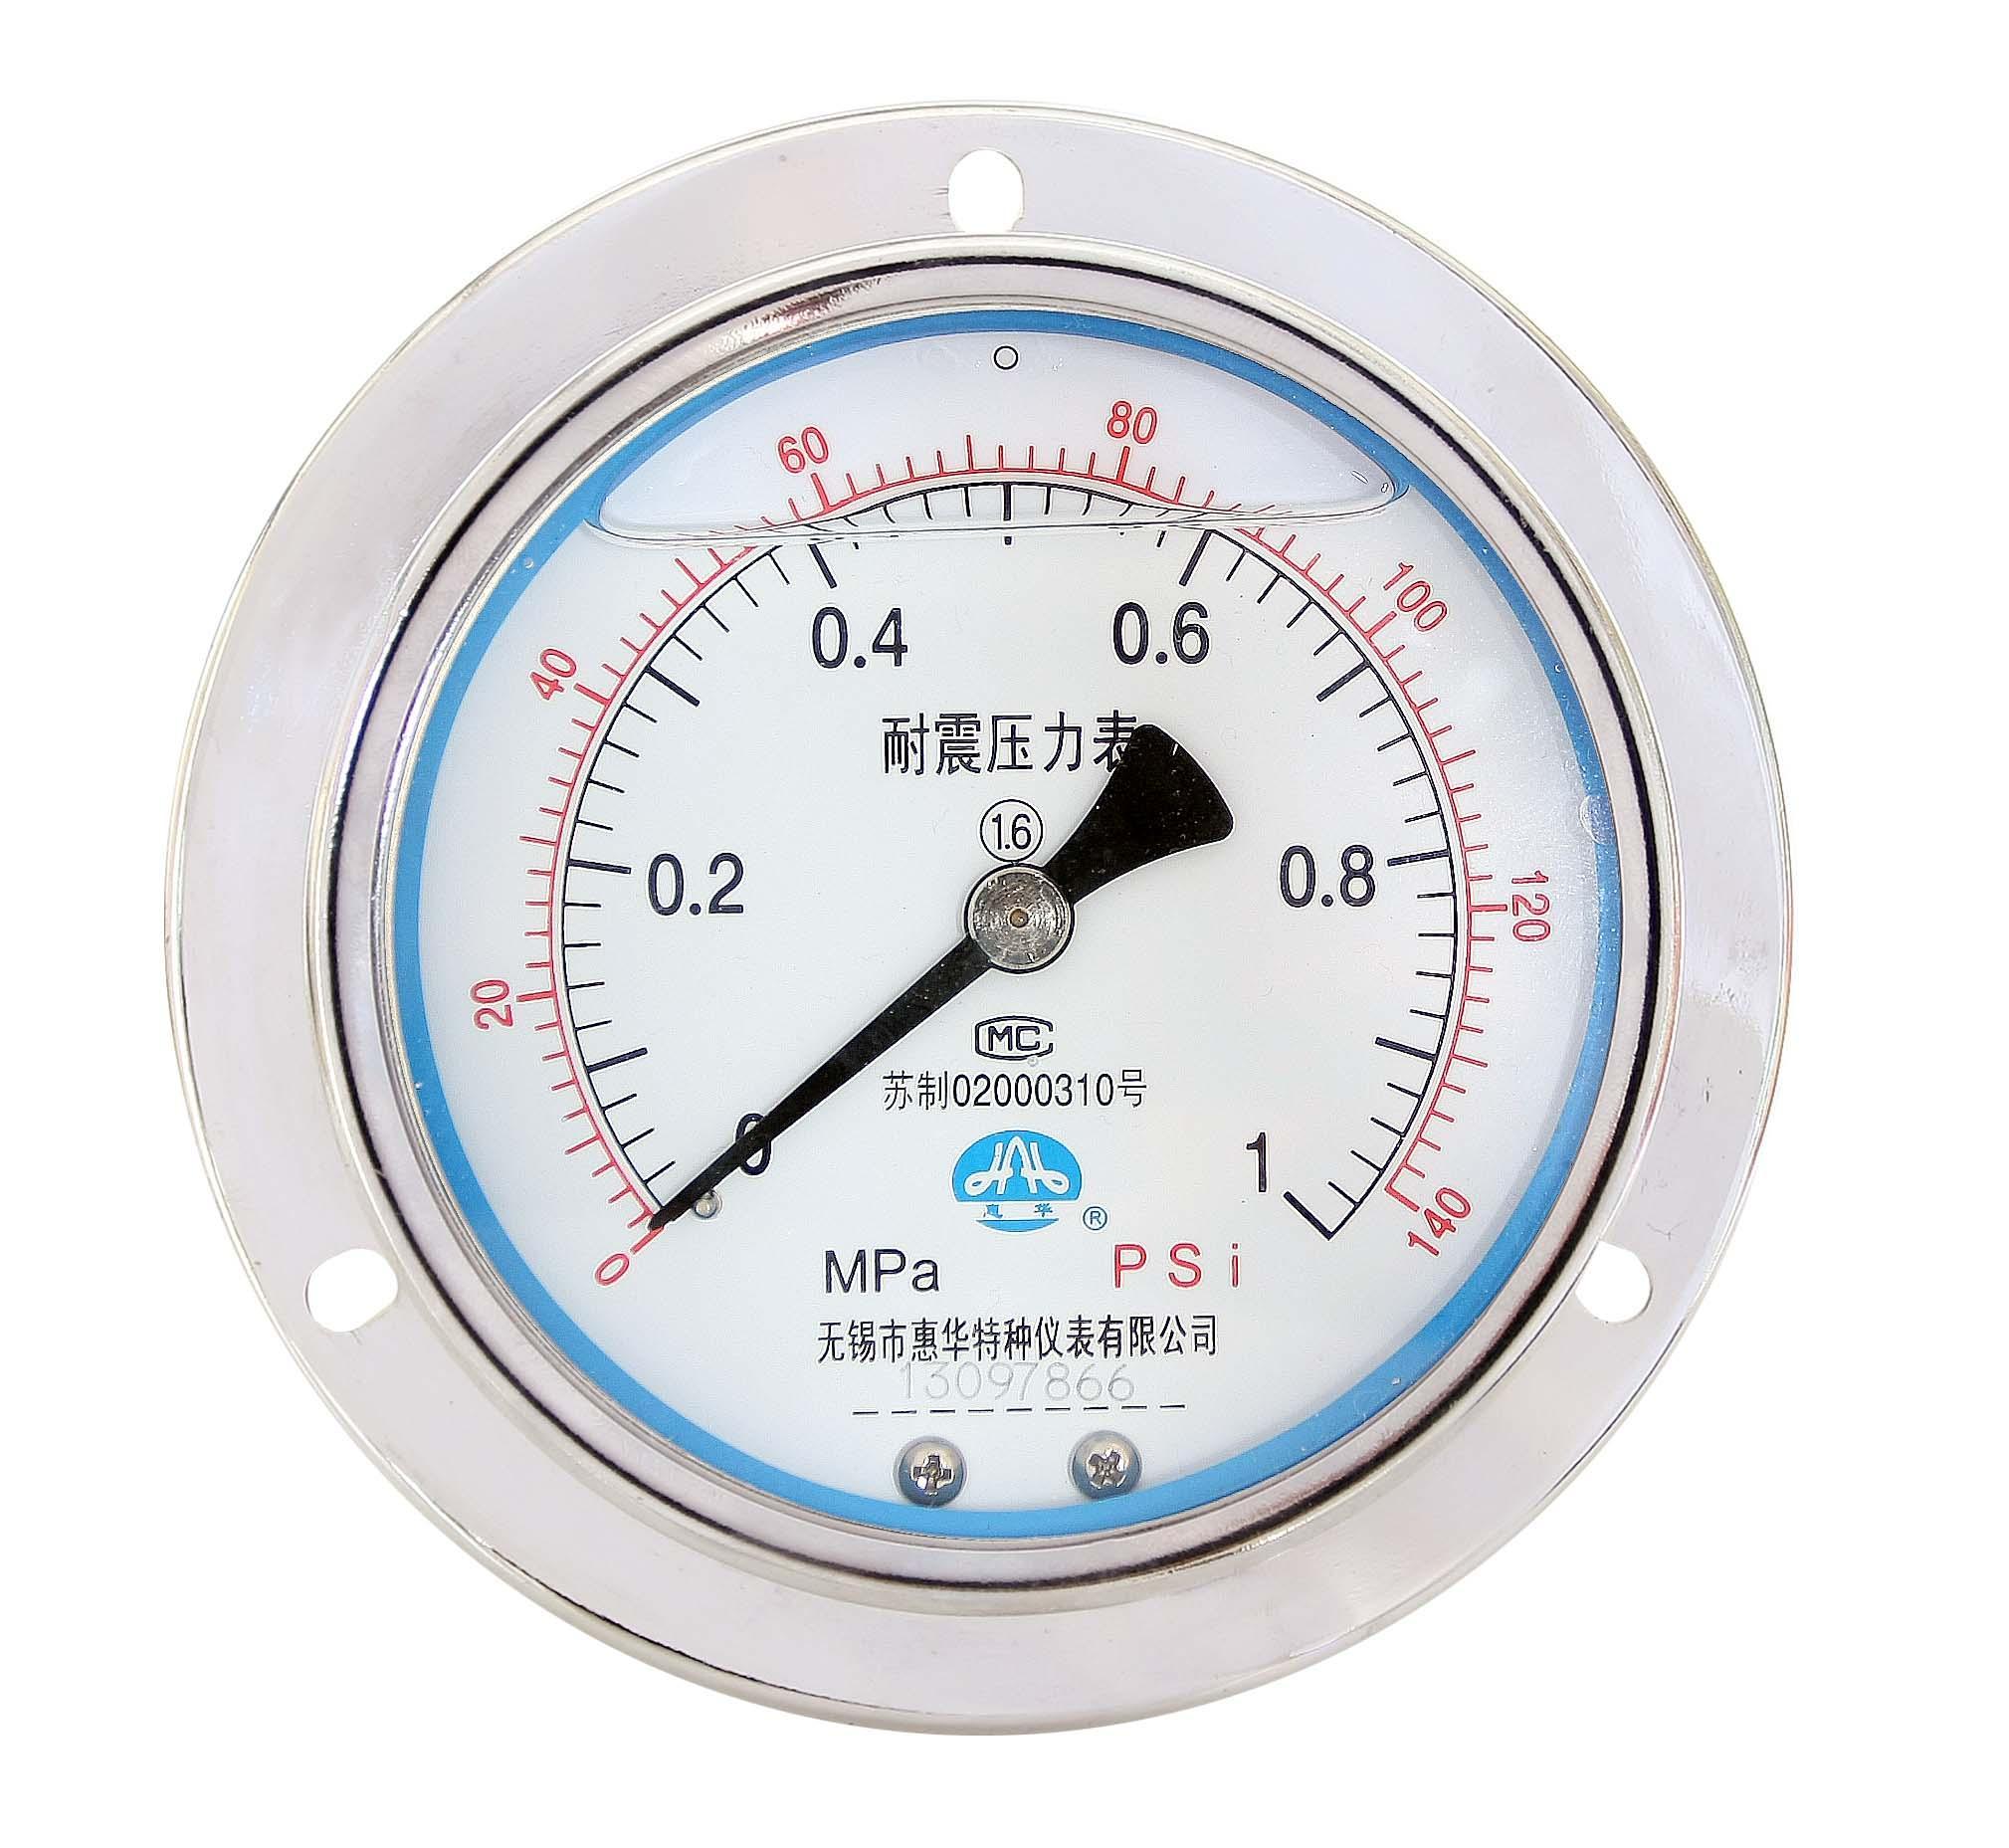 不鏽鋼耐震壓力表 耐震不鏽鋼壓力表 8